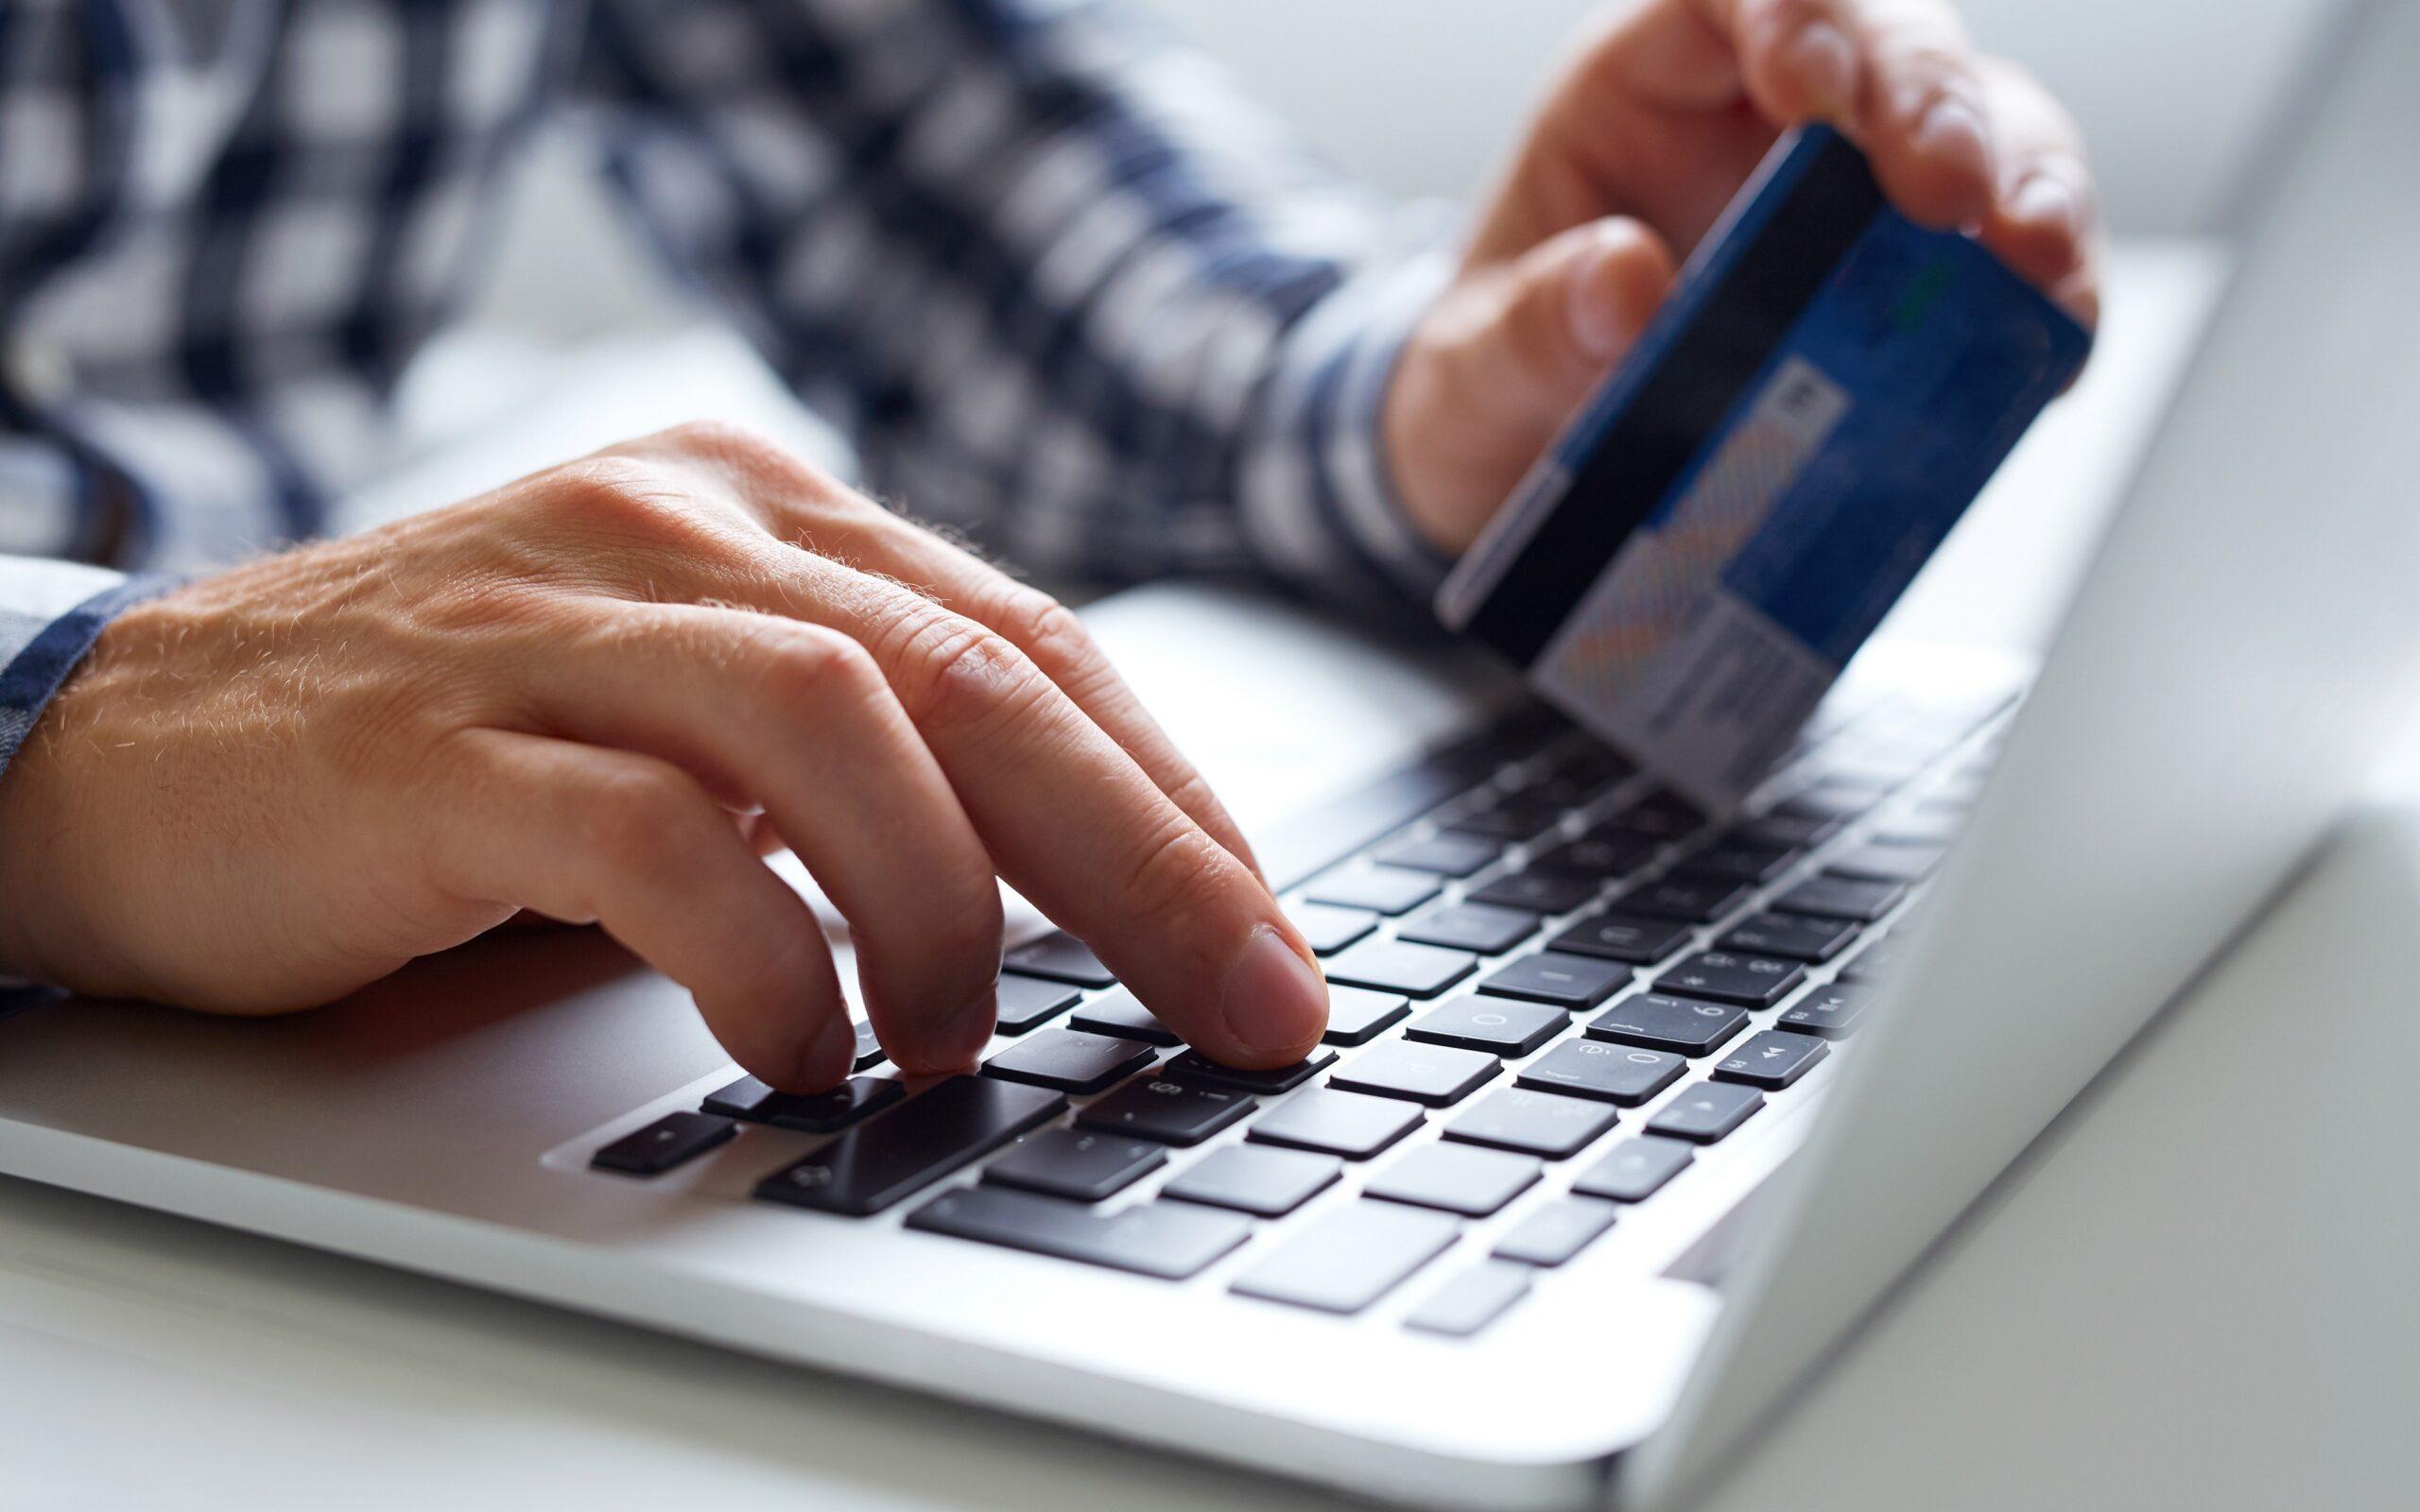 Με ρυθμό 20,4% αναπτύσσεται το ηλεκτρονικό εμπόριο στην Ελλάδα